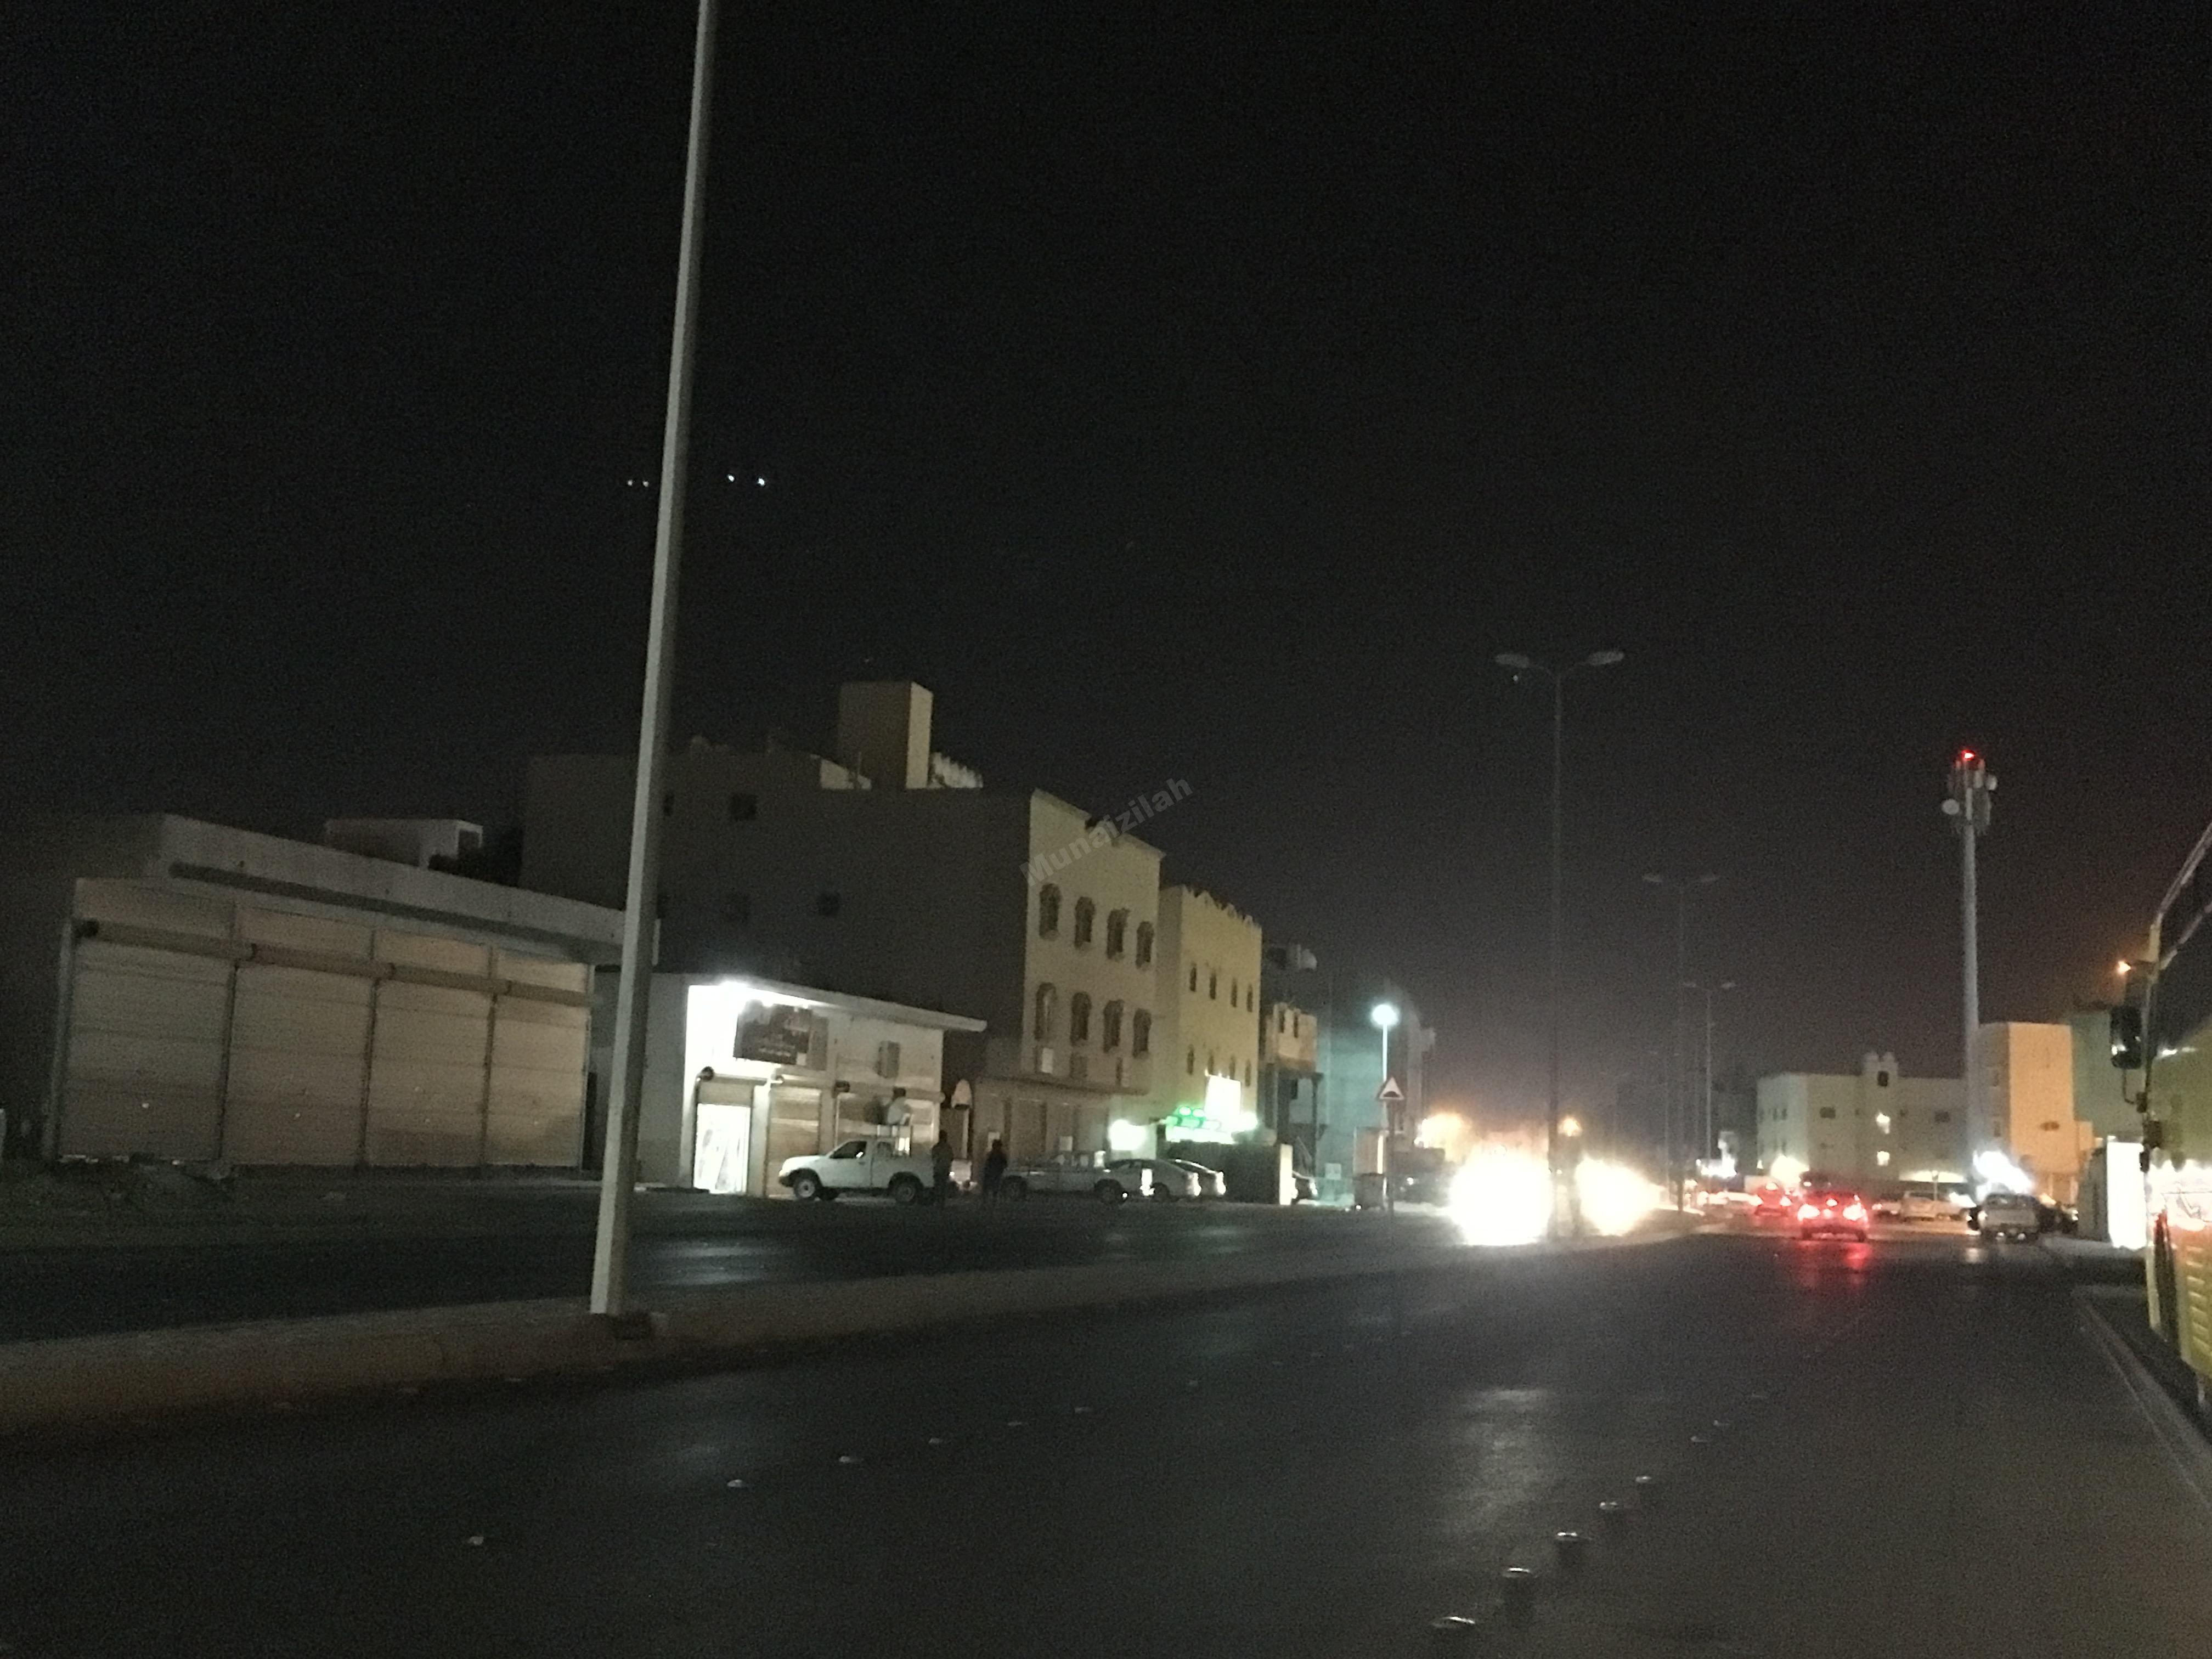 ظلام في أحد الشوارع المهمة بالمنيزلة يمتد ليشمل حيّاً كاملاً